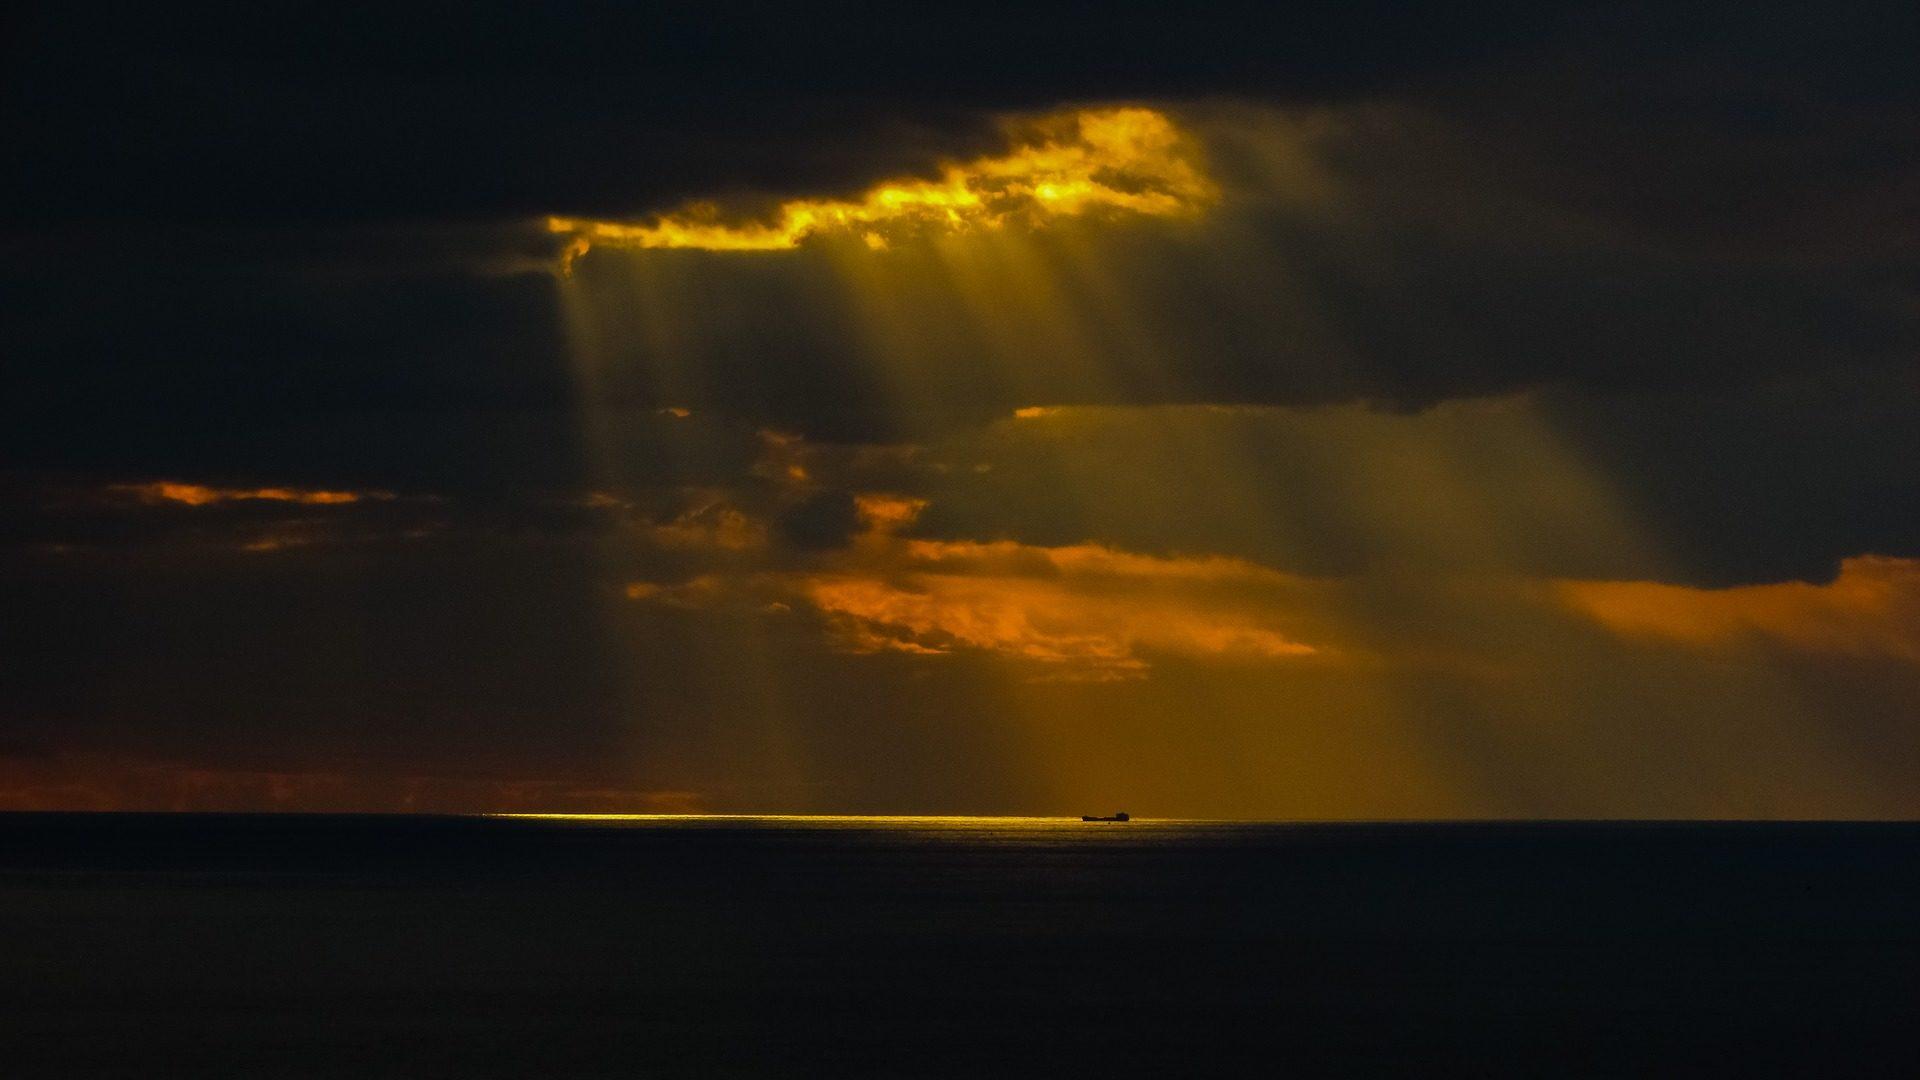 日落, 多云, 光线, 太阳, 晕, 地平线 - 高清壁纸 - 教授-falken.com